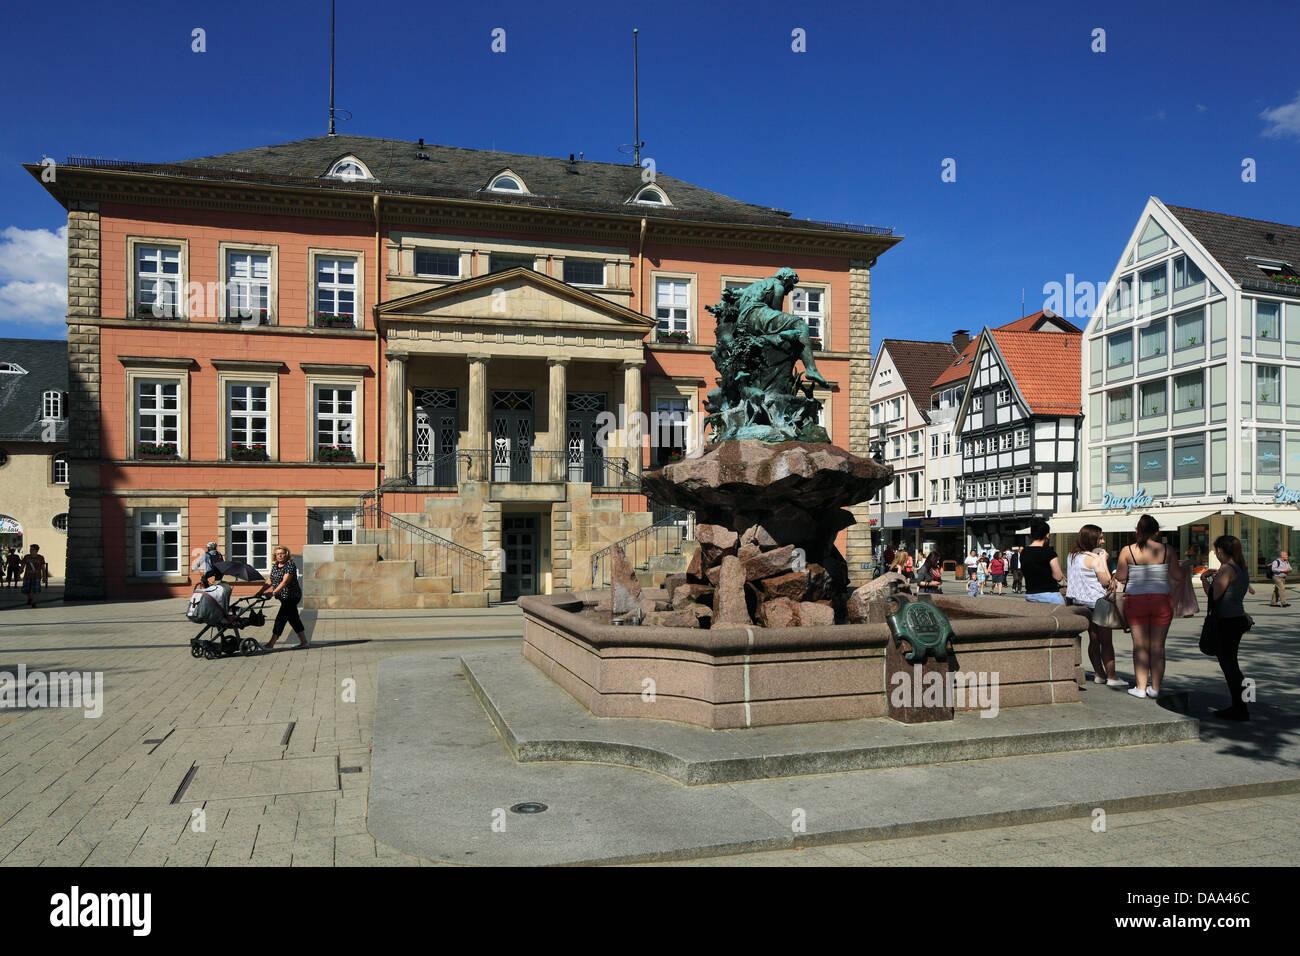 Rathaus Und Donopbrunnen von Rudolph Hoelbe am Marktplatz von Detmold, Teutoburger Wald, Nordrhein-Westfalen Stockbild